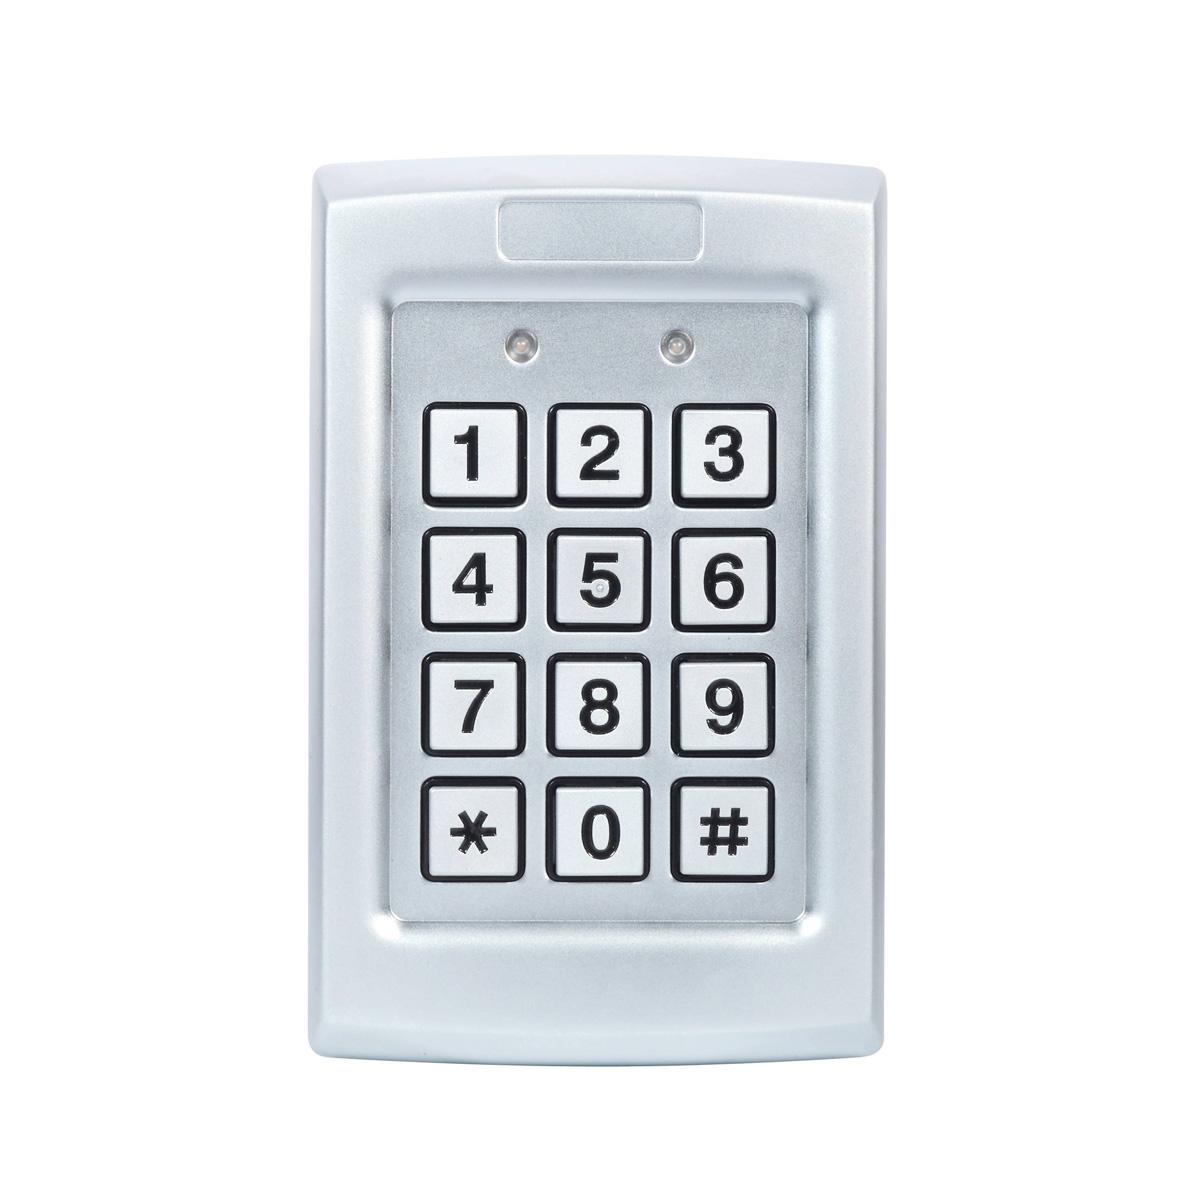 CONAC-365 | Teclado ROSSLARE convertible de control de accesos